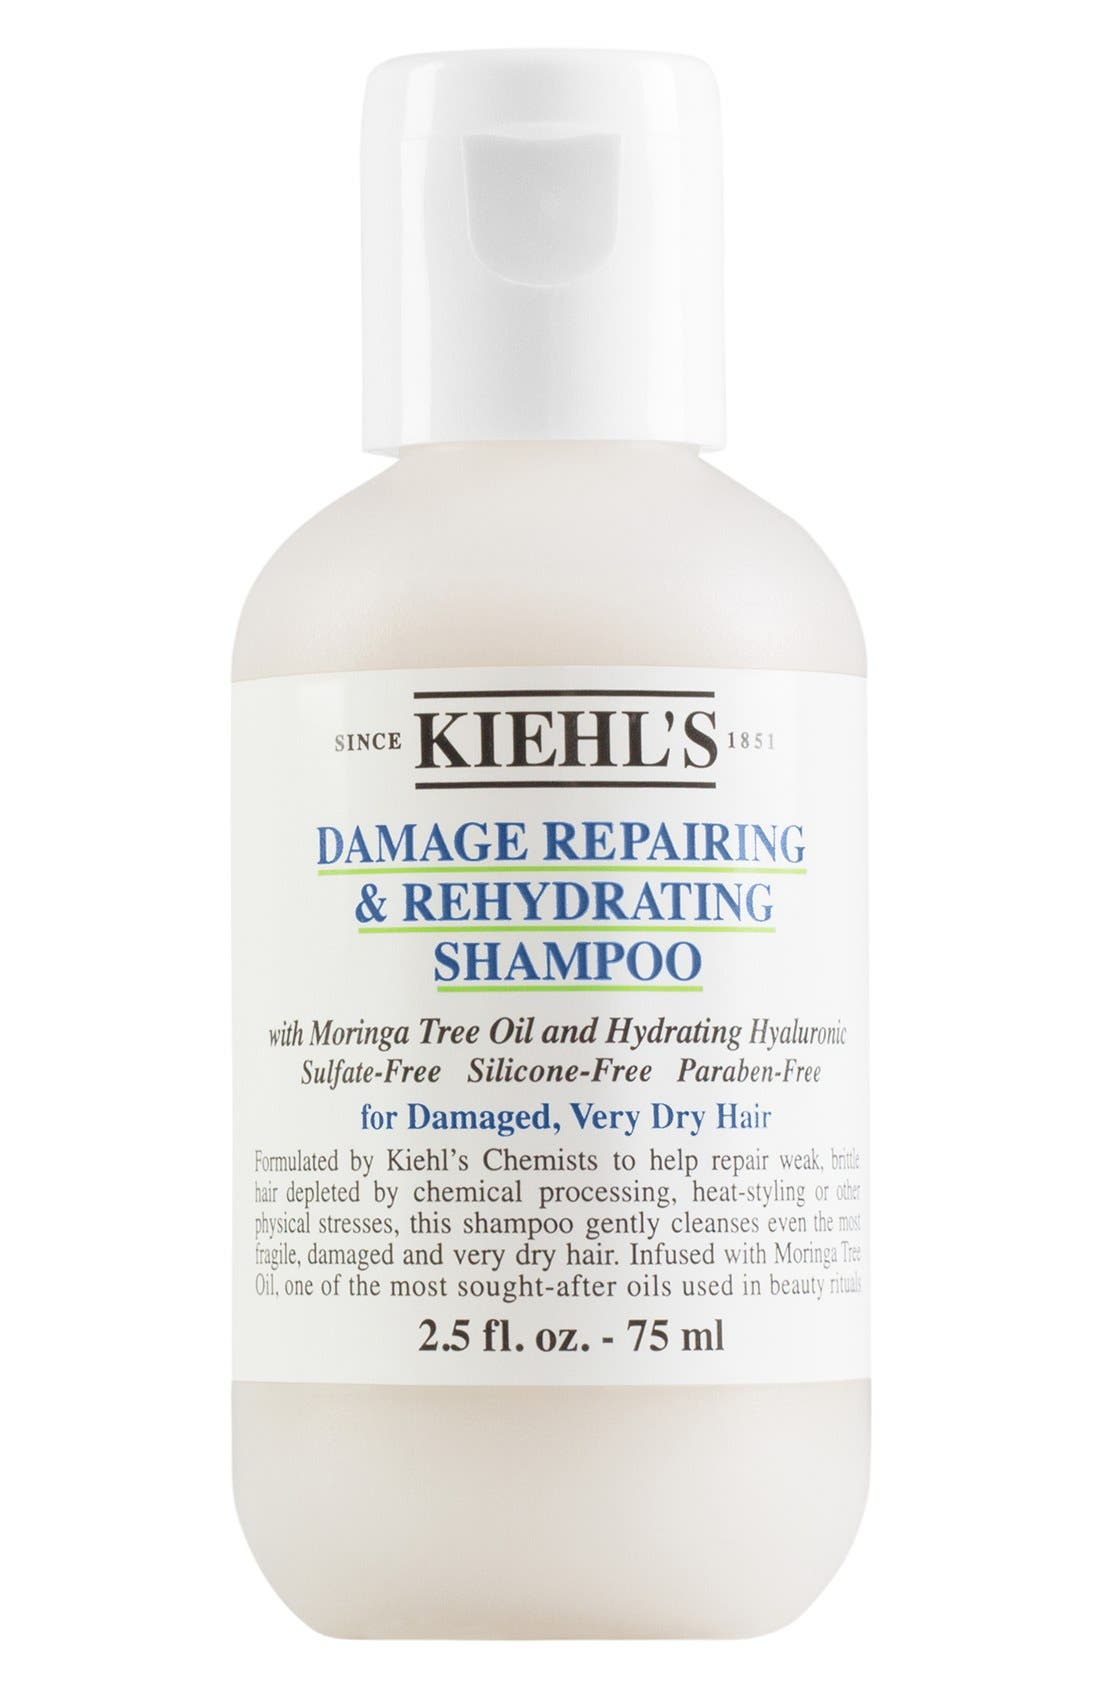 Damage Repairing & Rehydrating Shampoo,                             Main thumbnail 1, color,                             NO COLOR